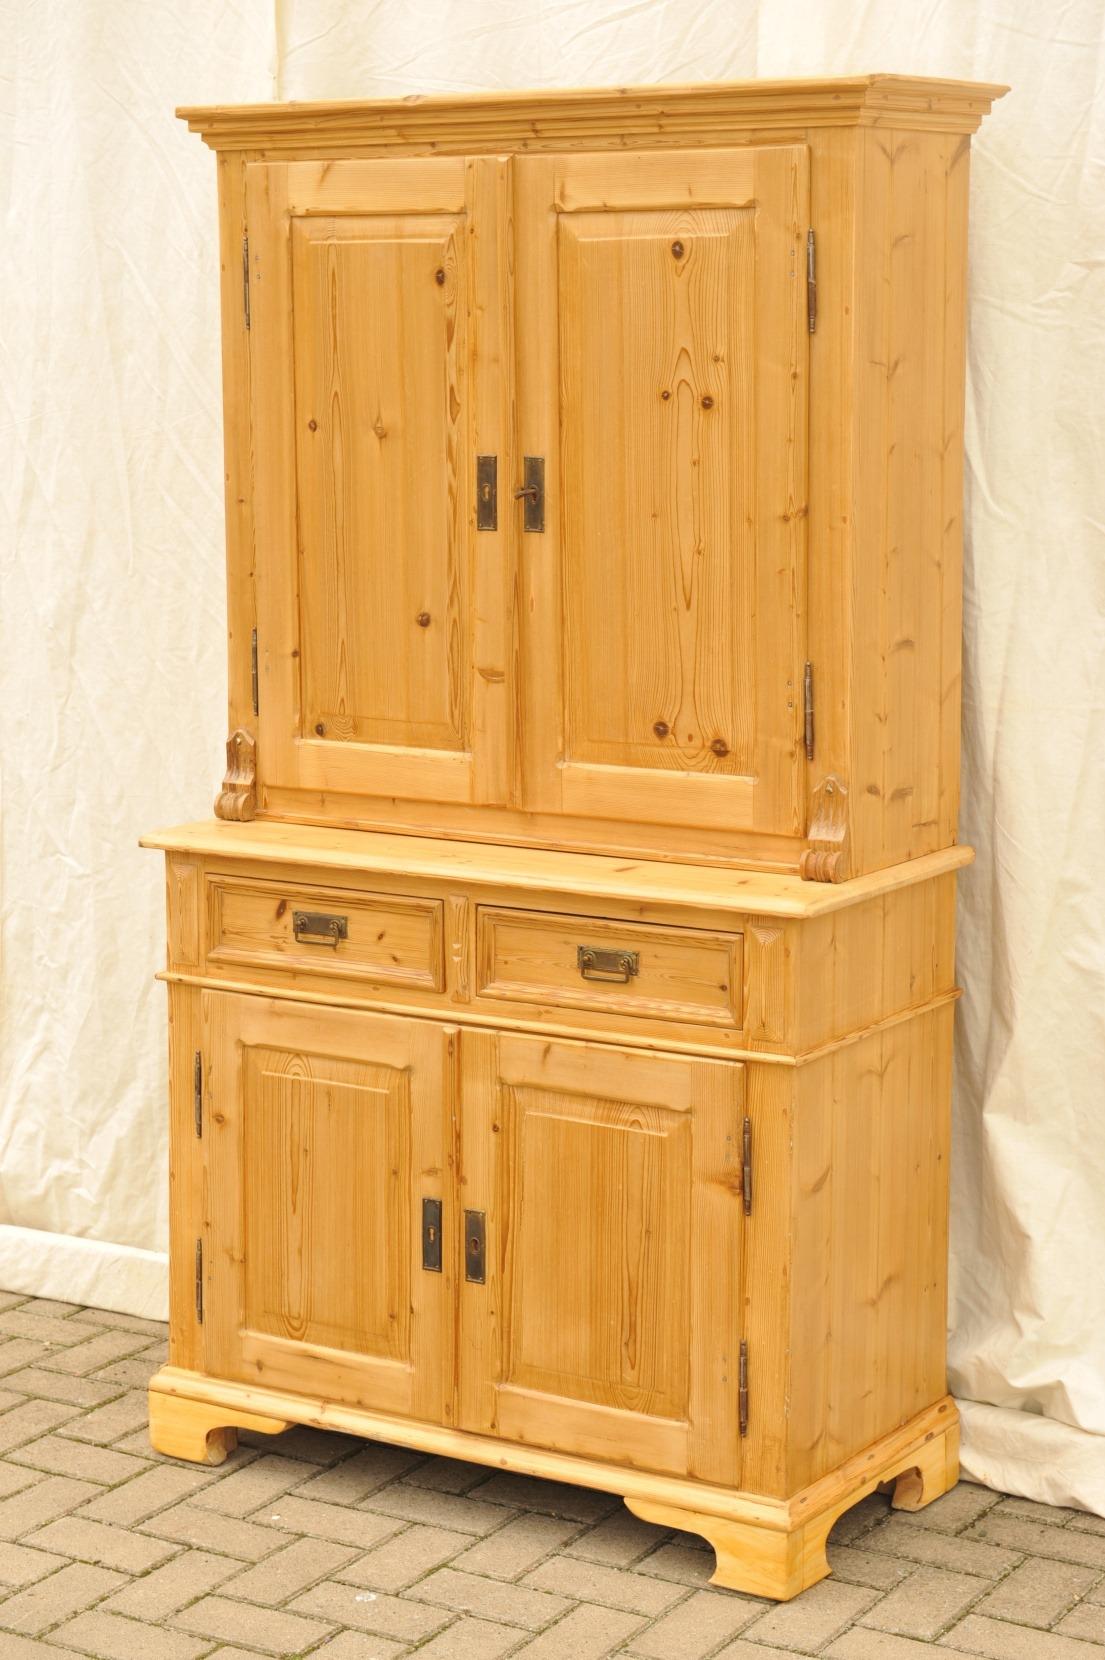 Kleiner kuchenschrank wirtschaftsschrank antik antik im hof for Küchenschrank antik